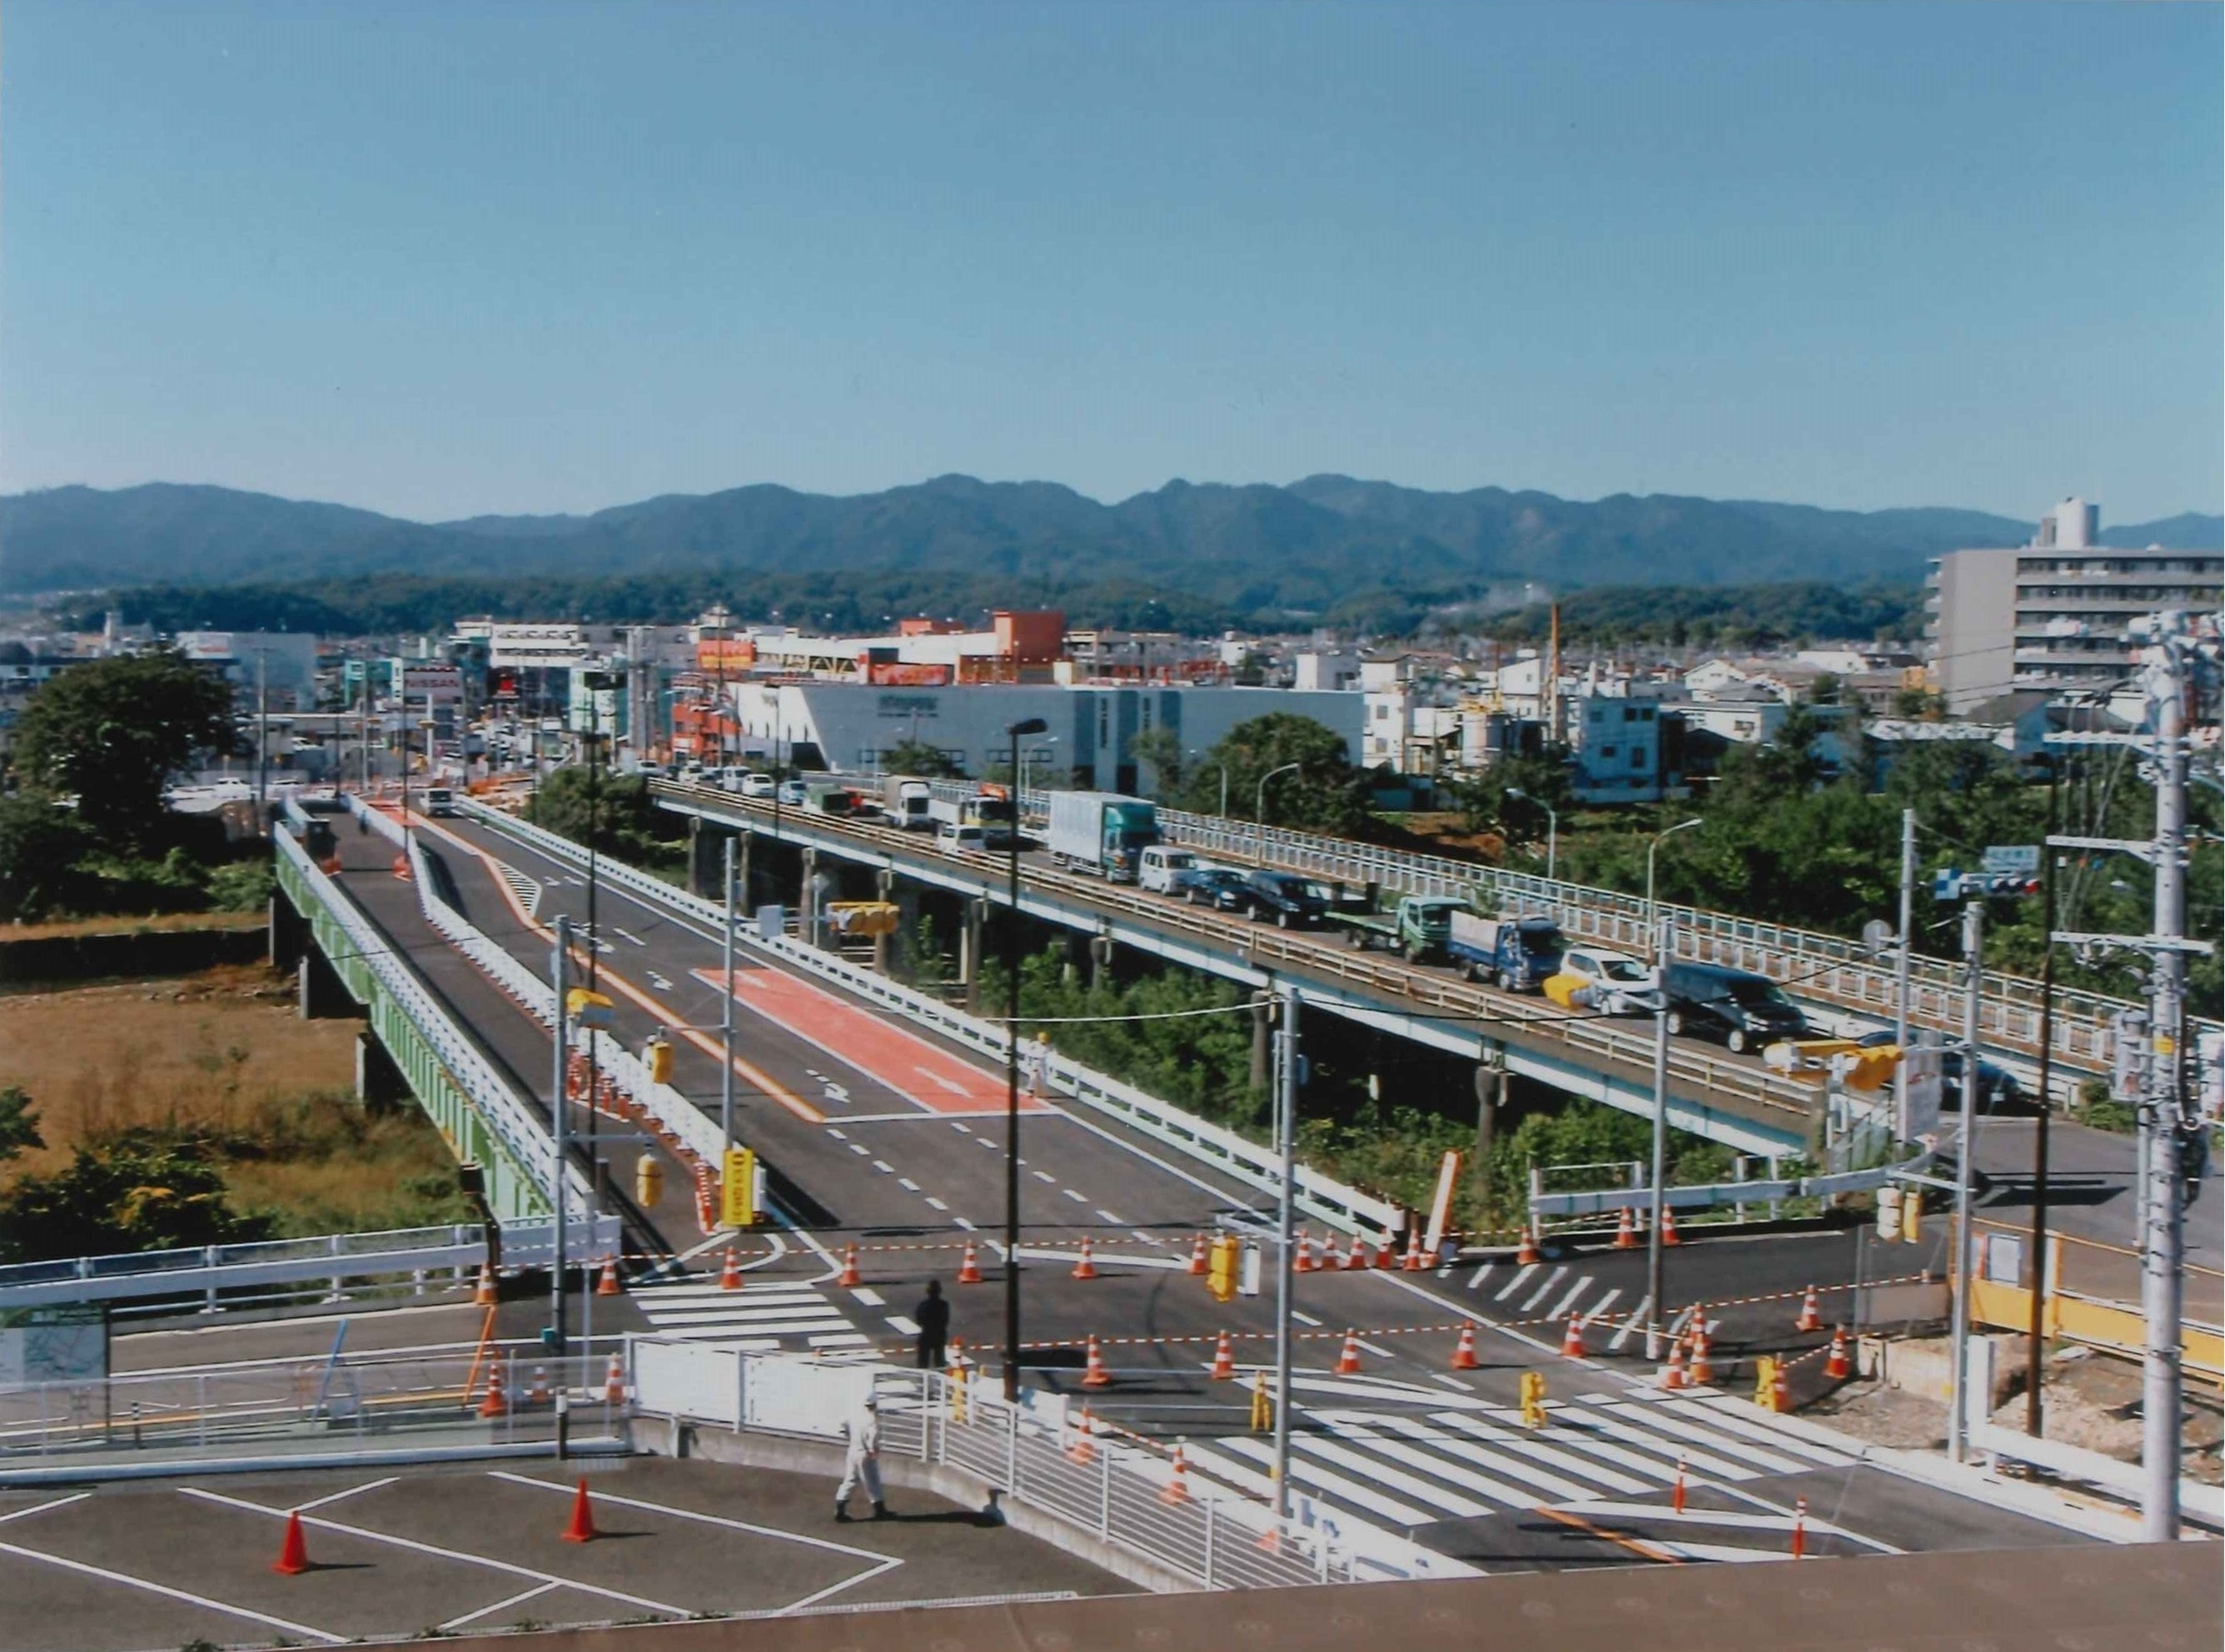 松枝橋整備工事に伴う切廻し道路工事